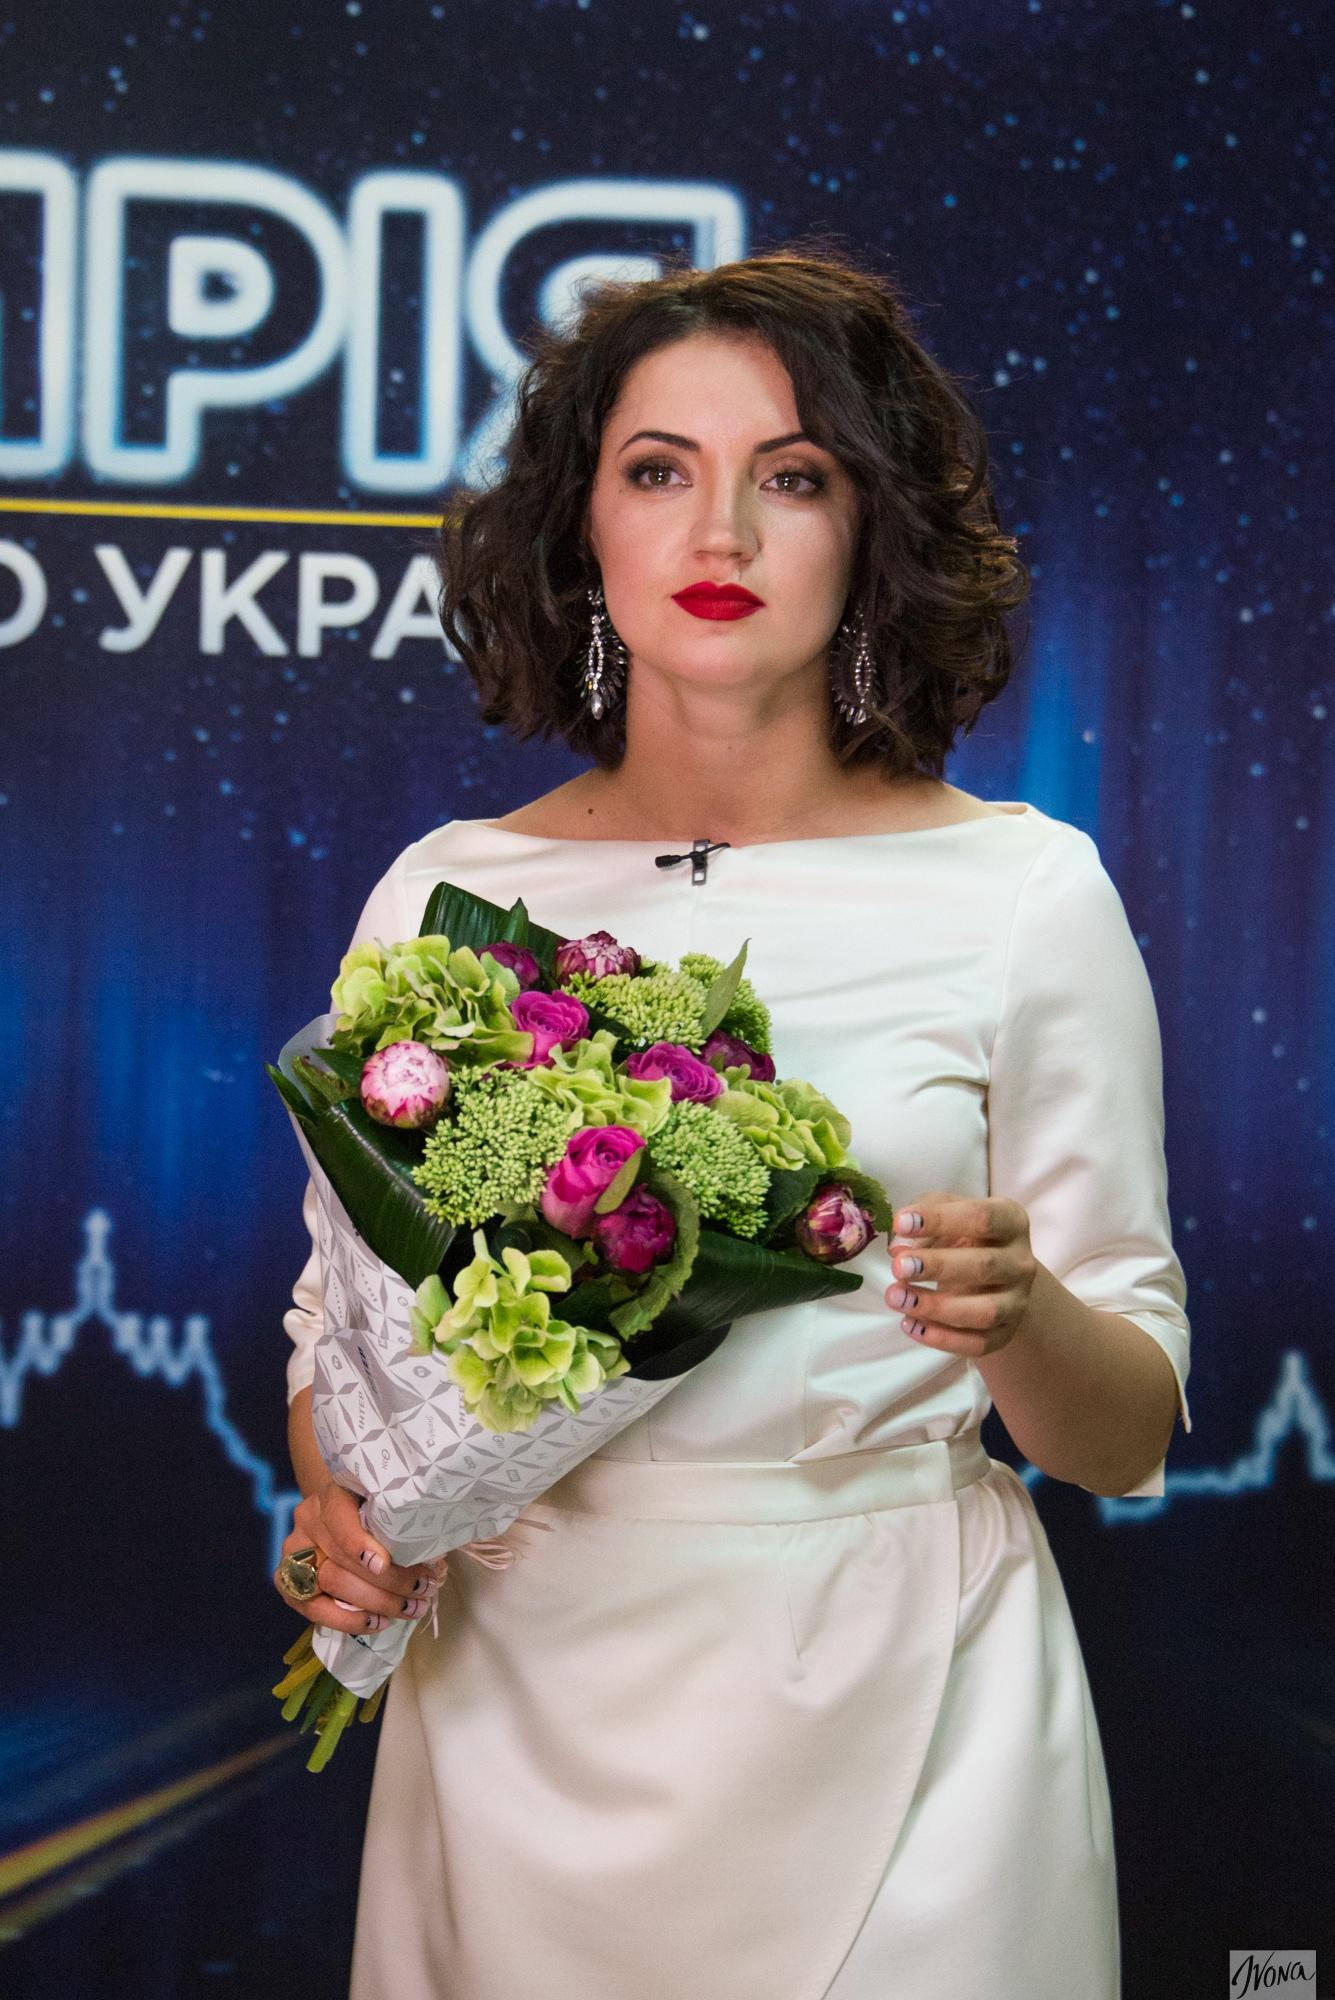 Оля Цибульская призналась, что после беременности сильно поправилась